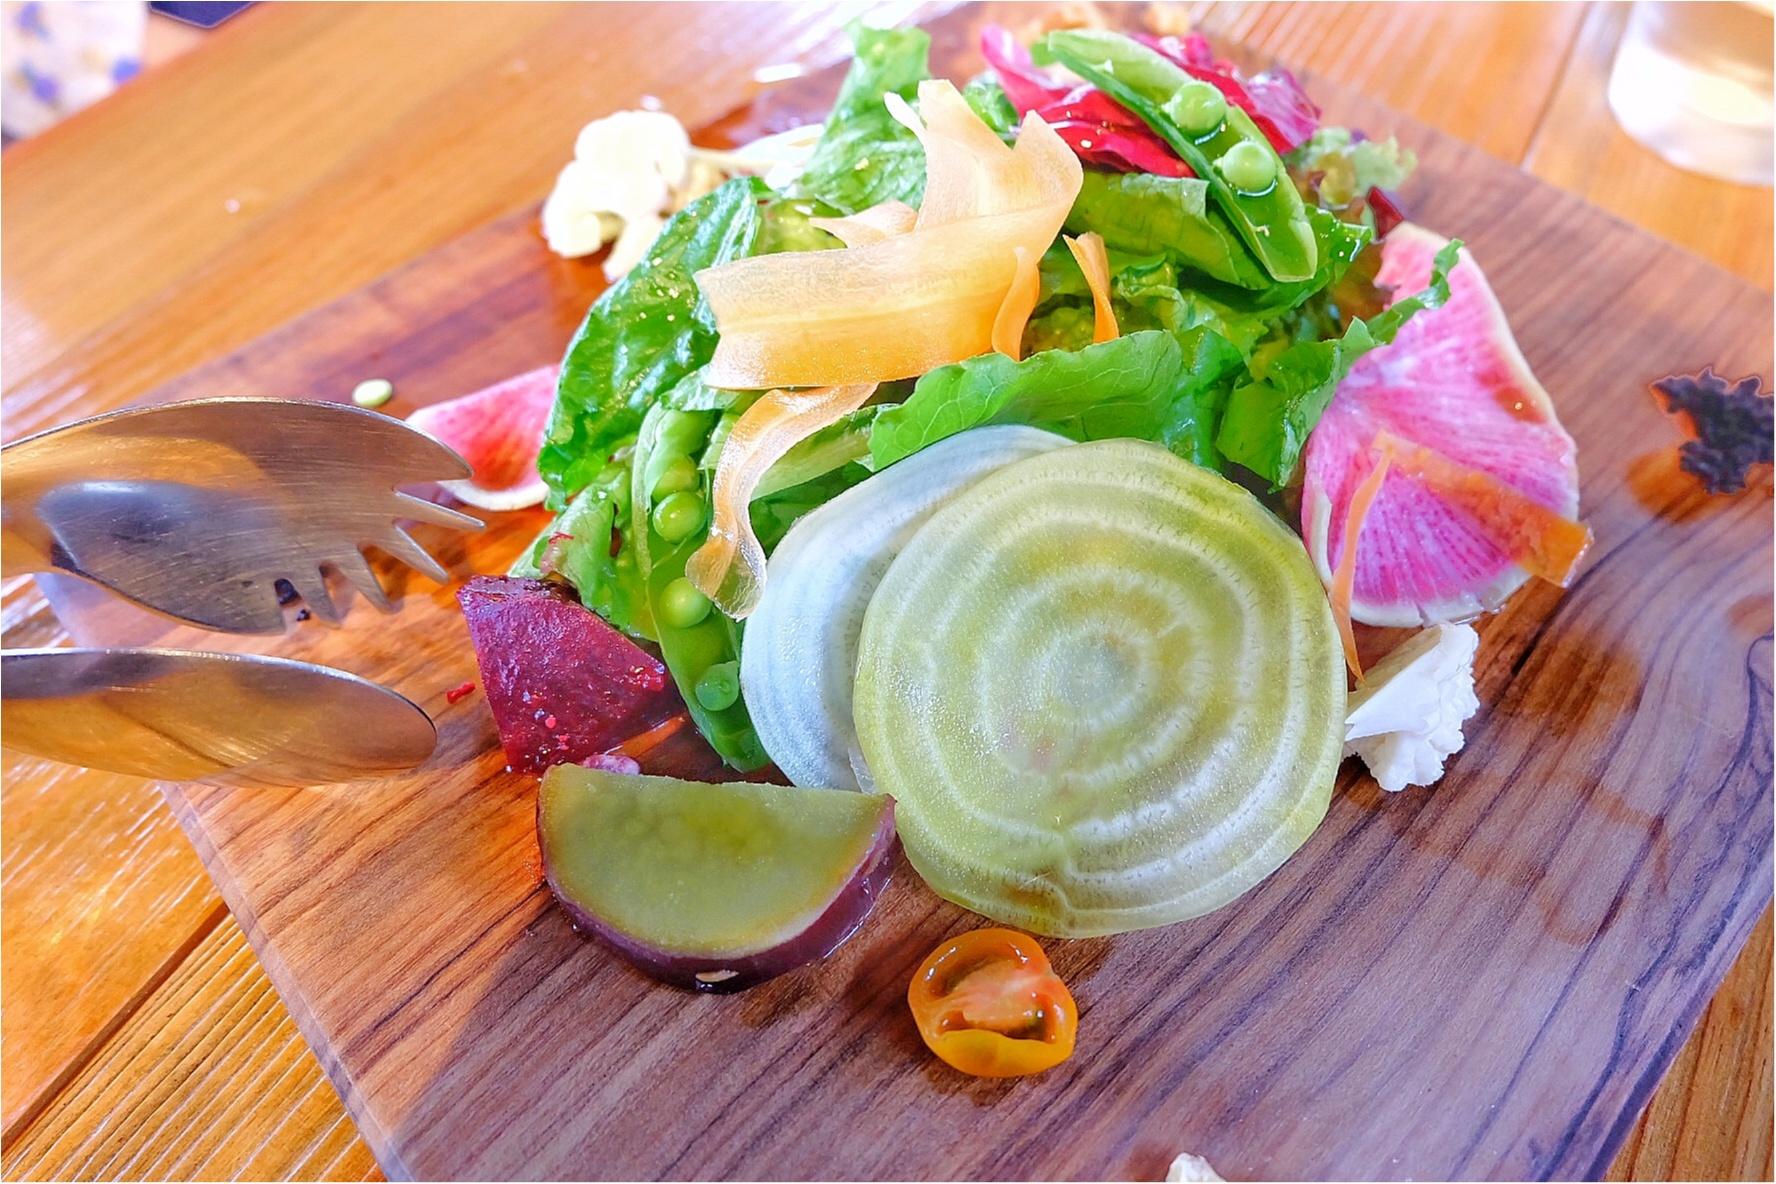 混まない穴場!カラフルで新鮮な鎌倉野菜が食べられるおしゃれレストラン♡_4